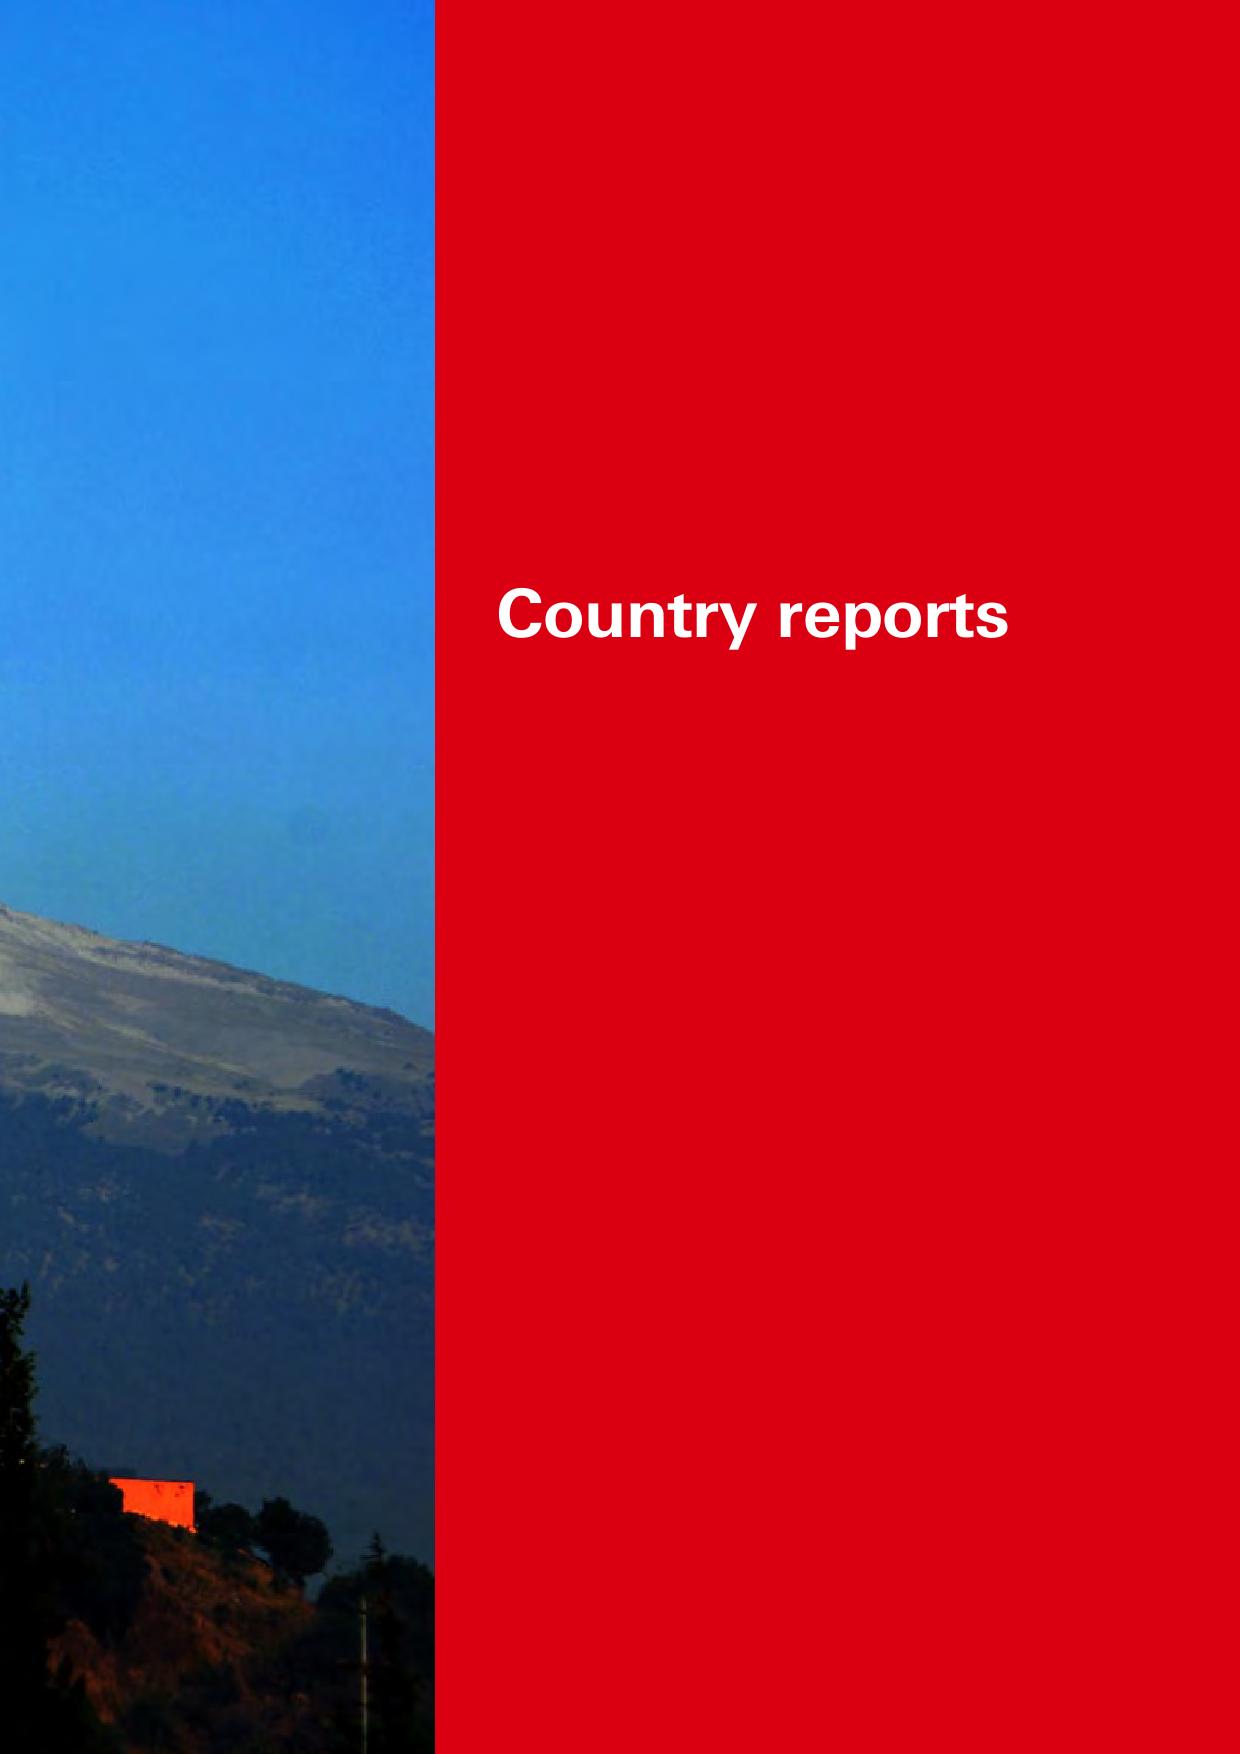 2016年外籍人士调查报告_000037